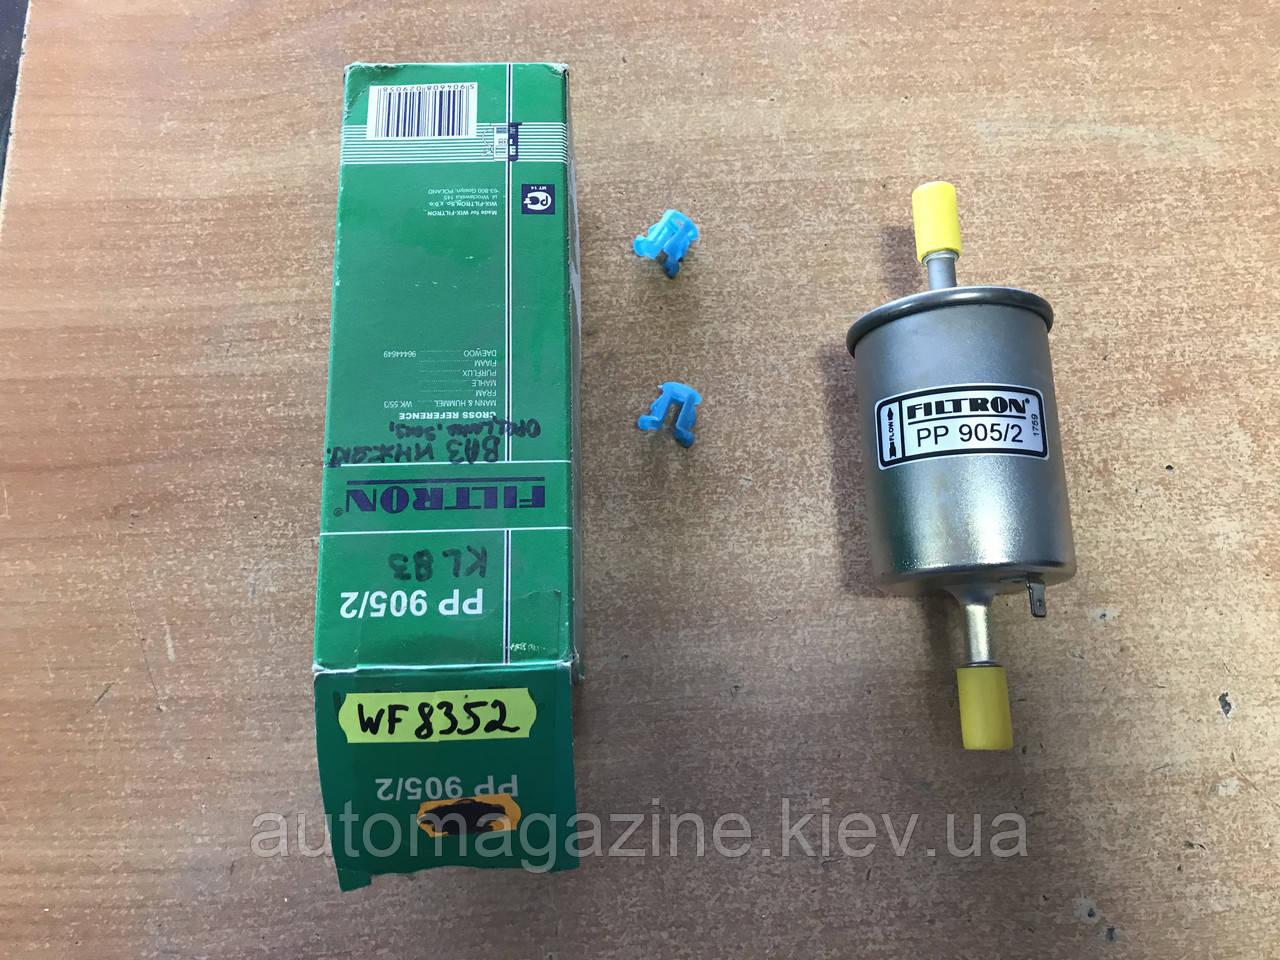 Фильтр топливный WF 8352 (PP905/2)